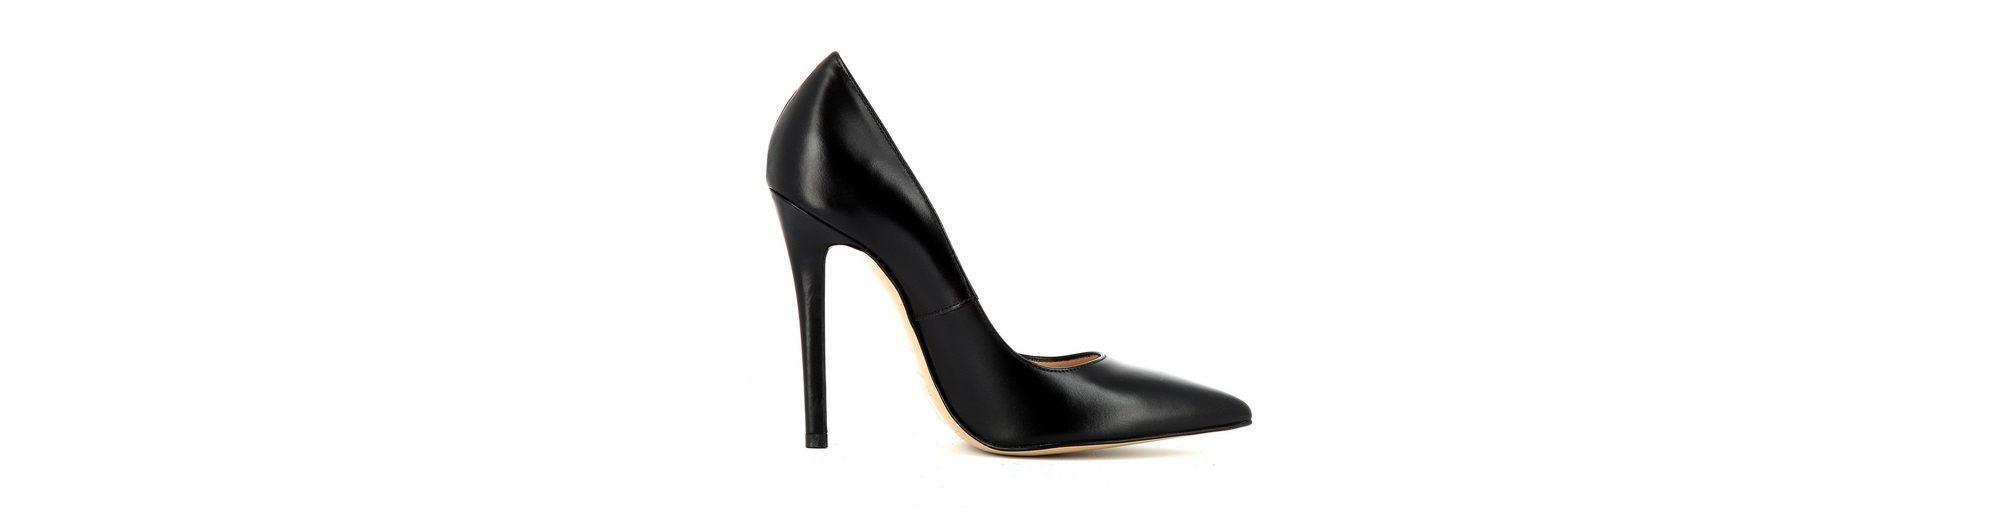 Evita LISA High-Heel-Pumps Brandneue Unisex Online Top Qualität Ganz Welt Versand Günstig Kaufen Billig Mit Paypal Bezahlen Dfrh0kmWA